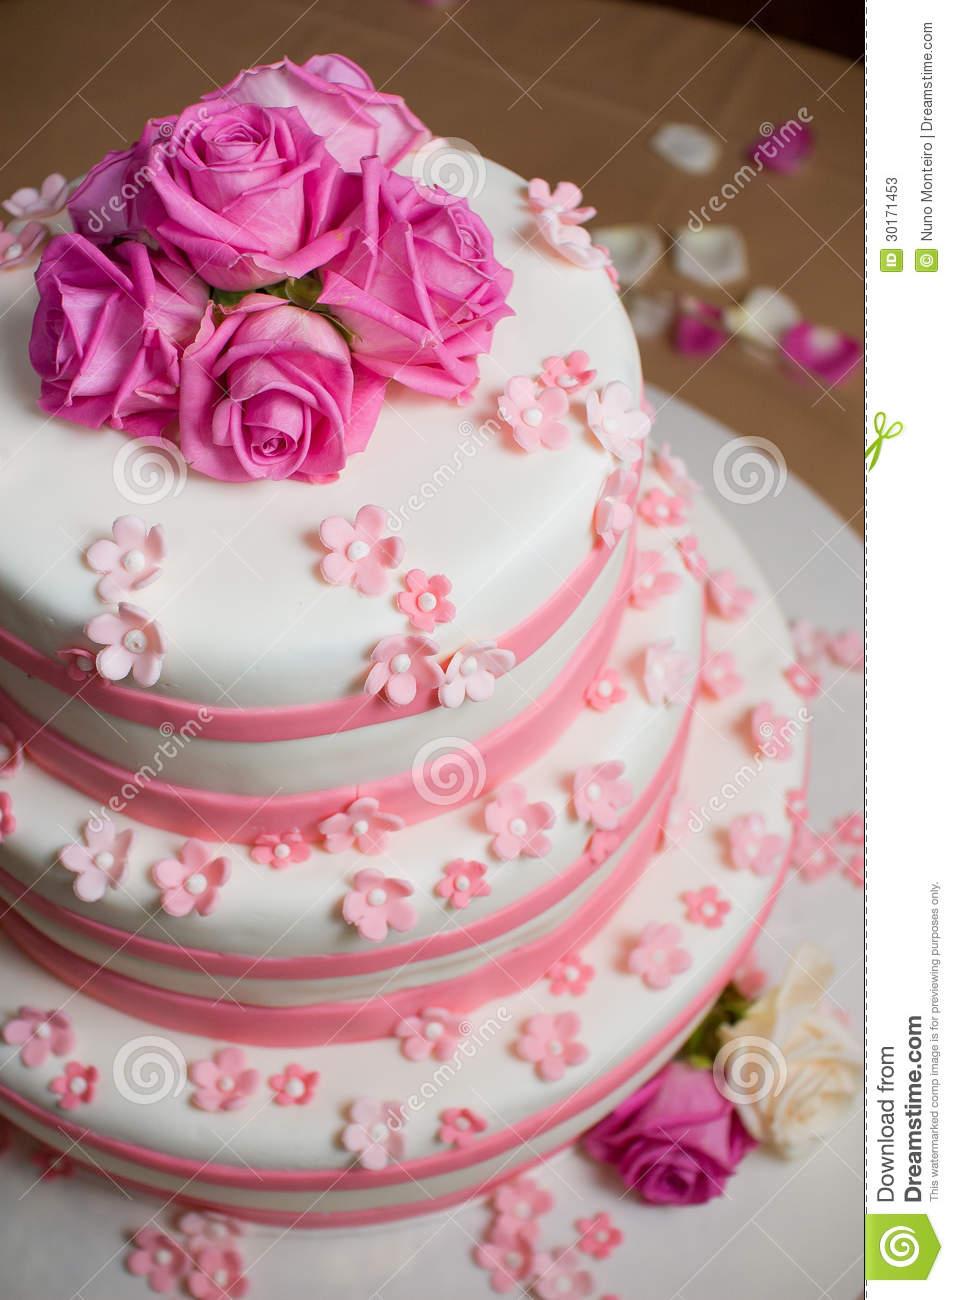 Ružové torty inšpirácie - Obrázok č. 74